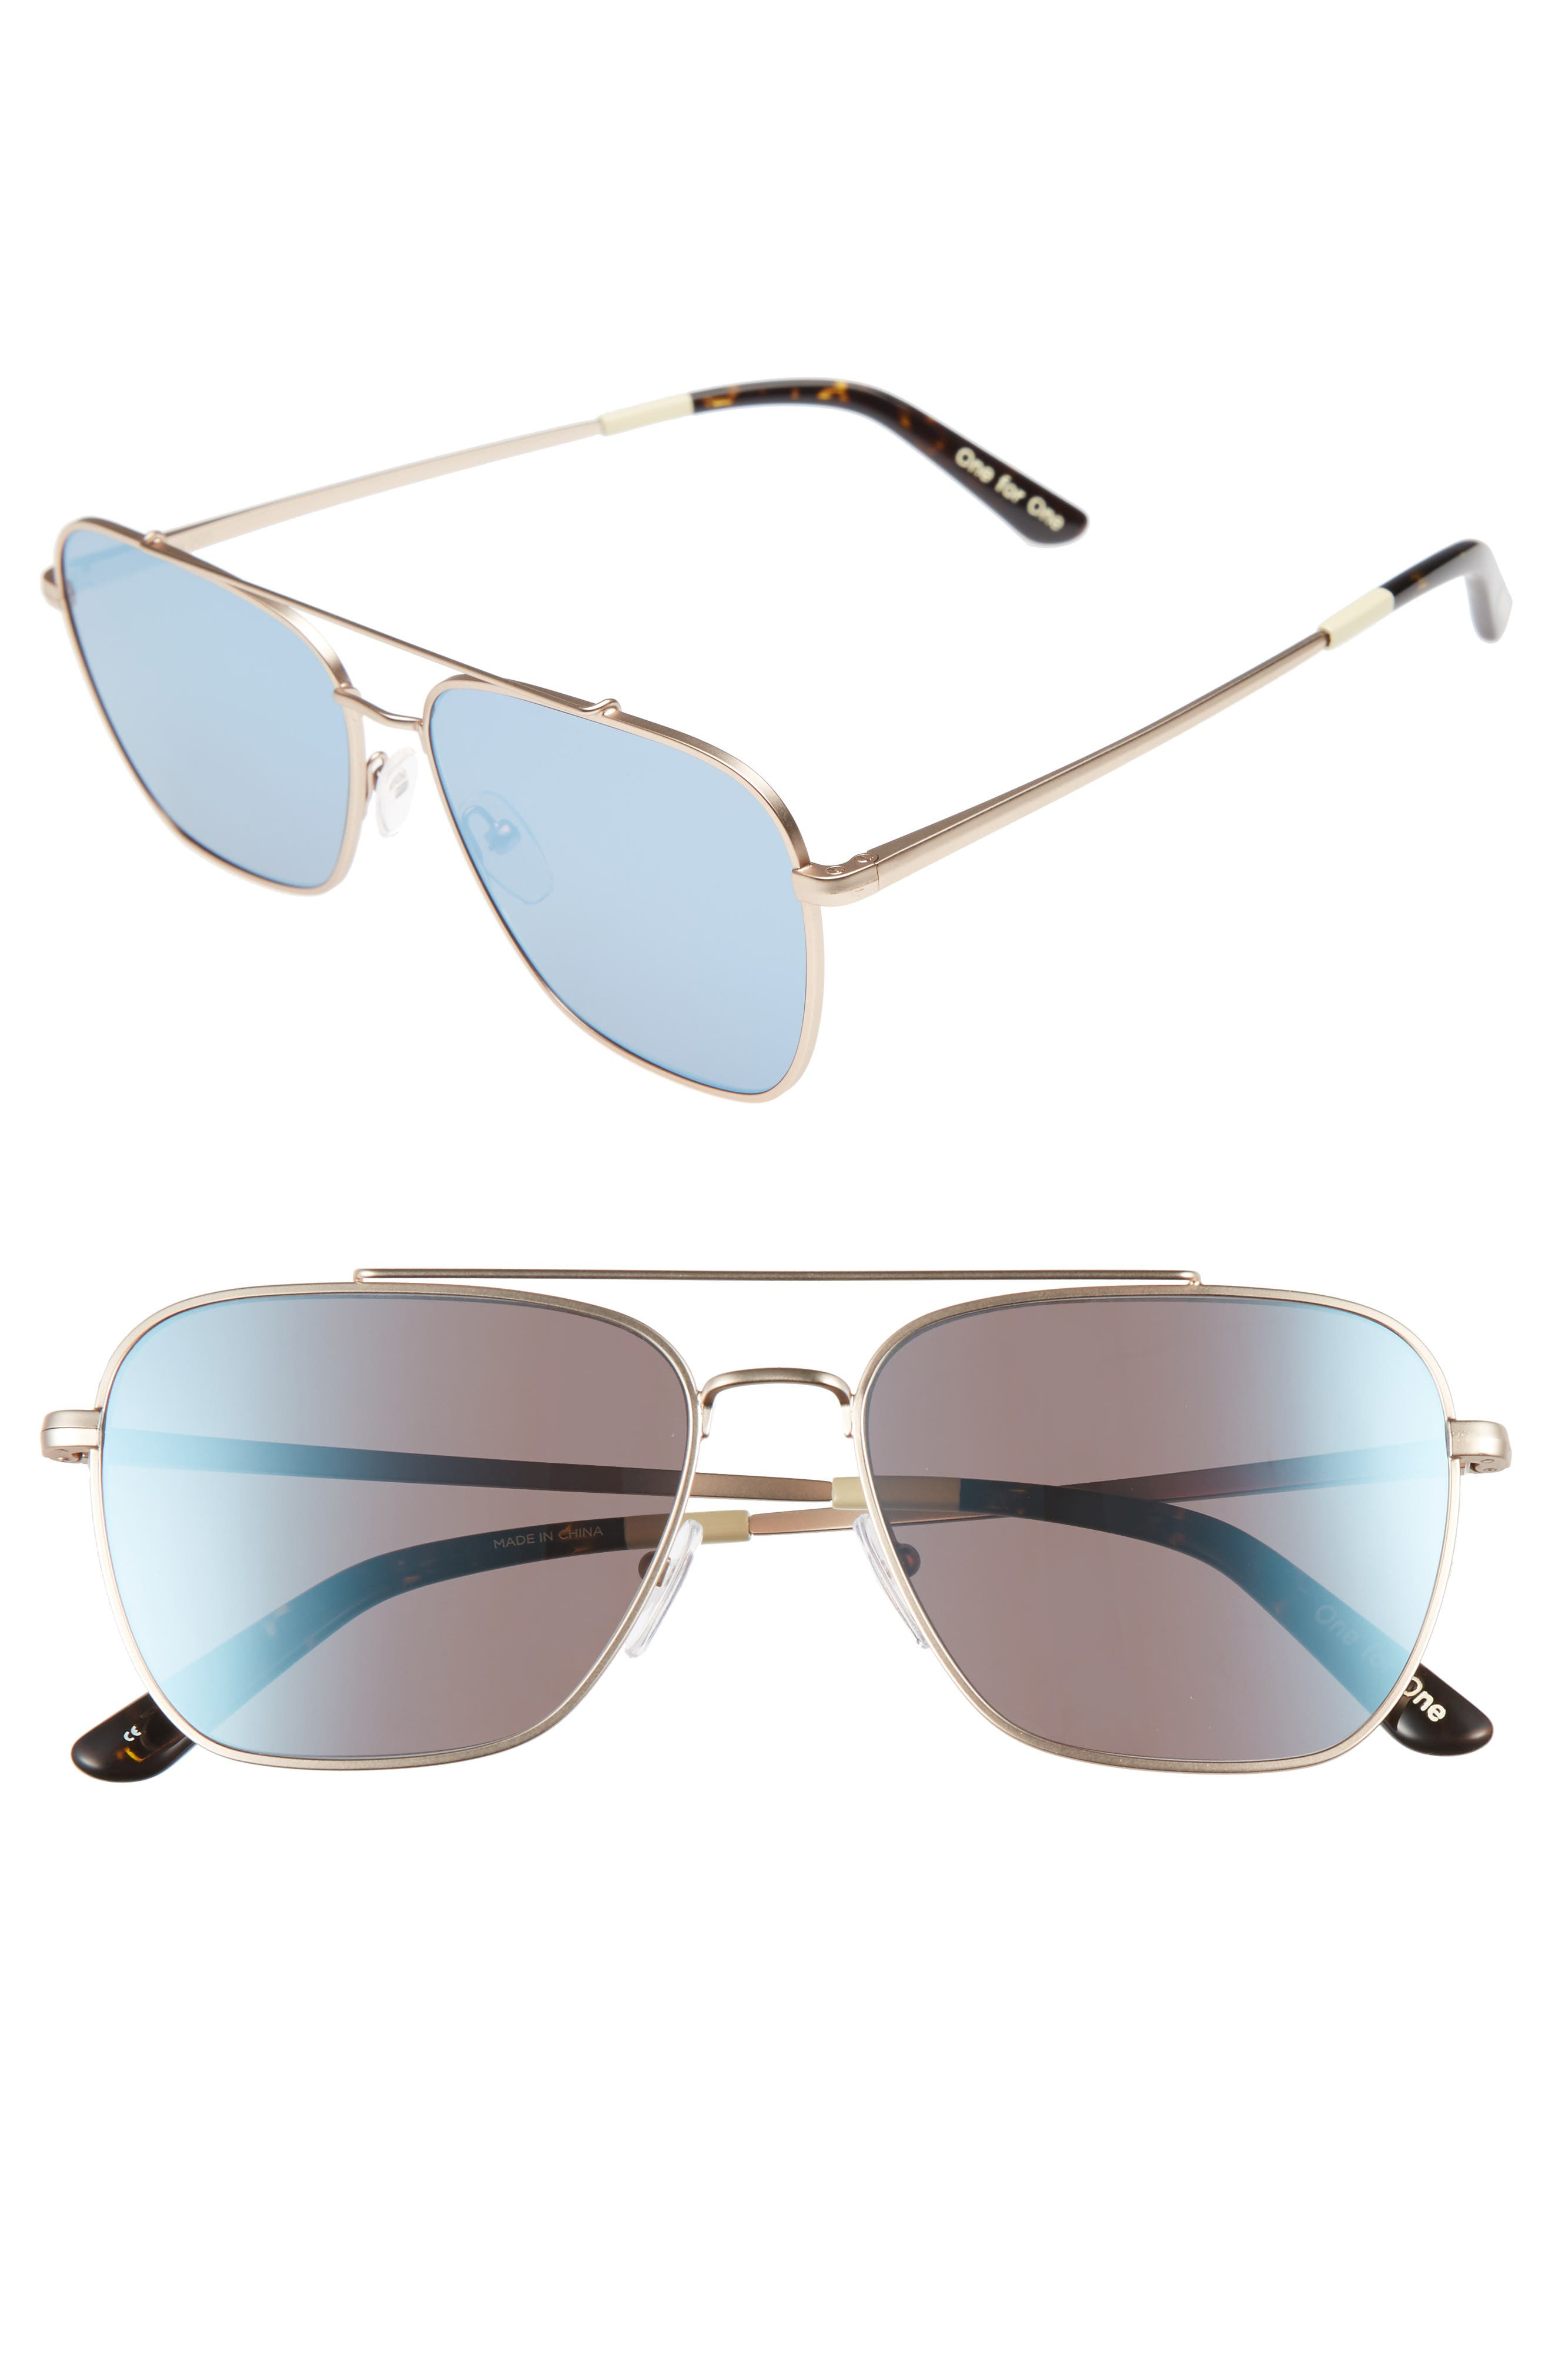 TOMS Irwin 58mm Aviator Sunglasses